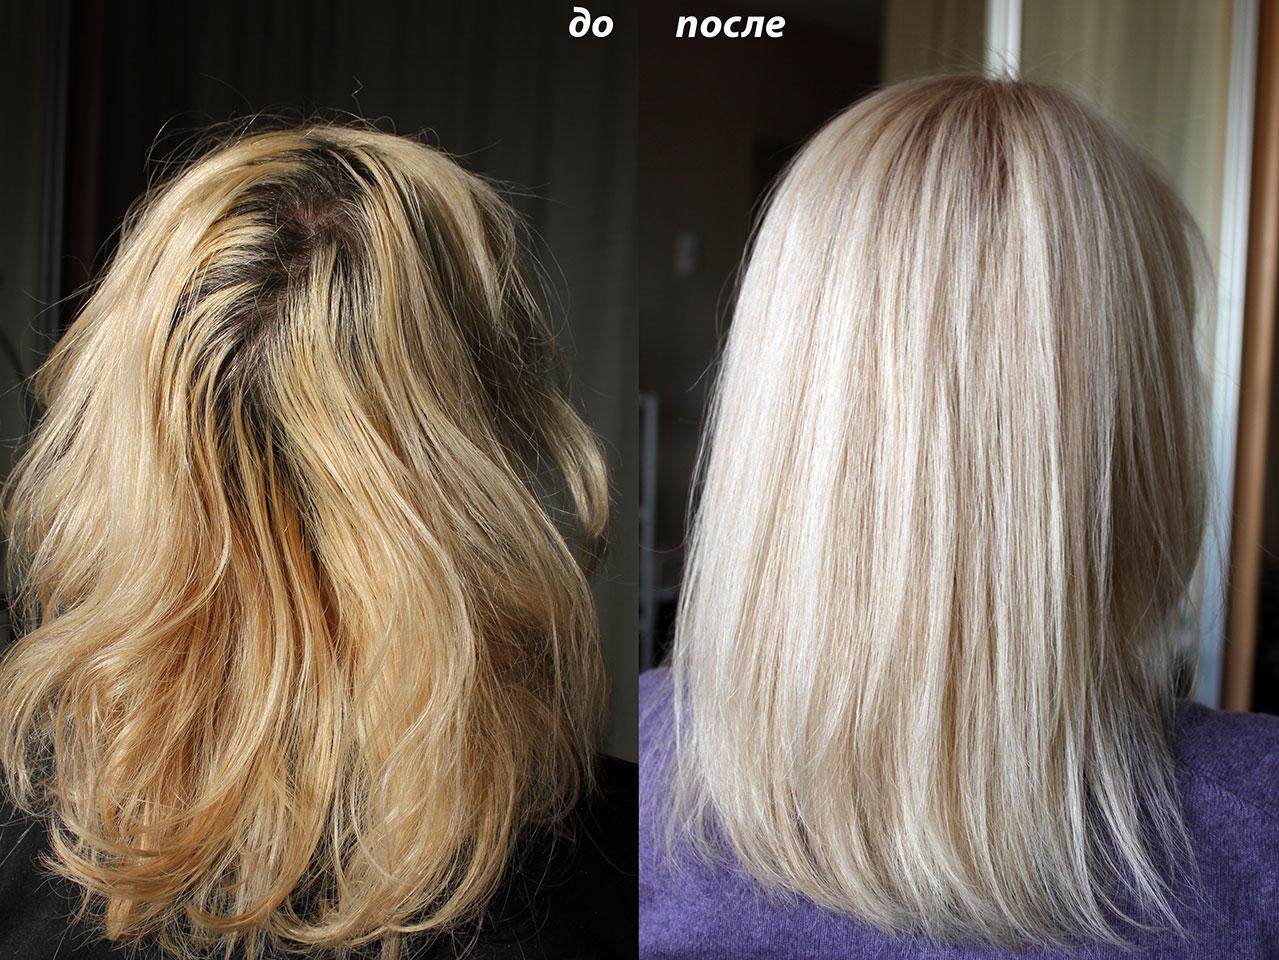 Окрашивание в очень светлый бежевый блонд